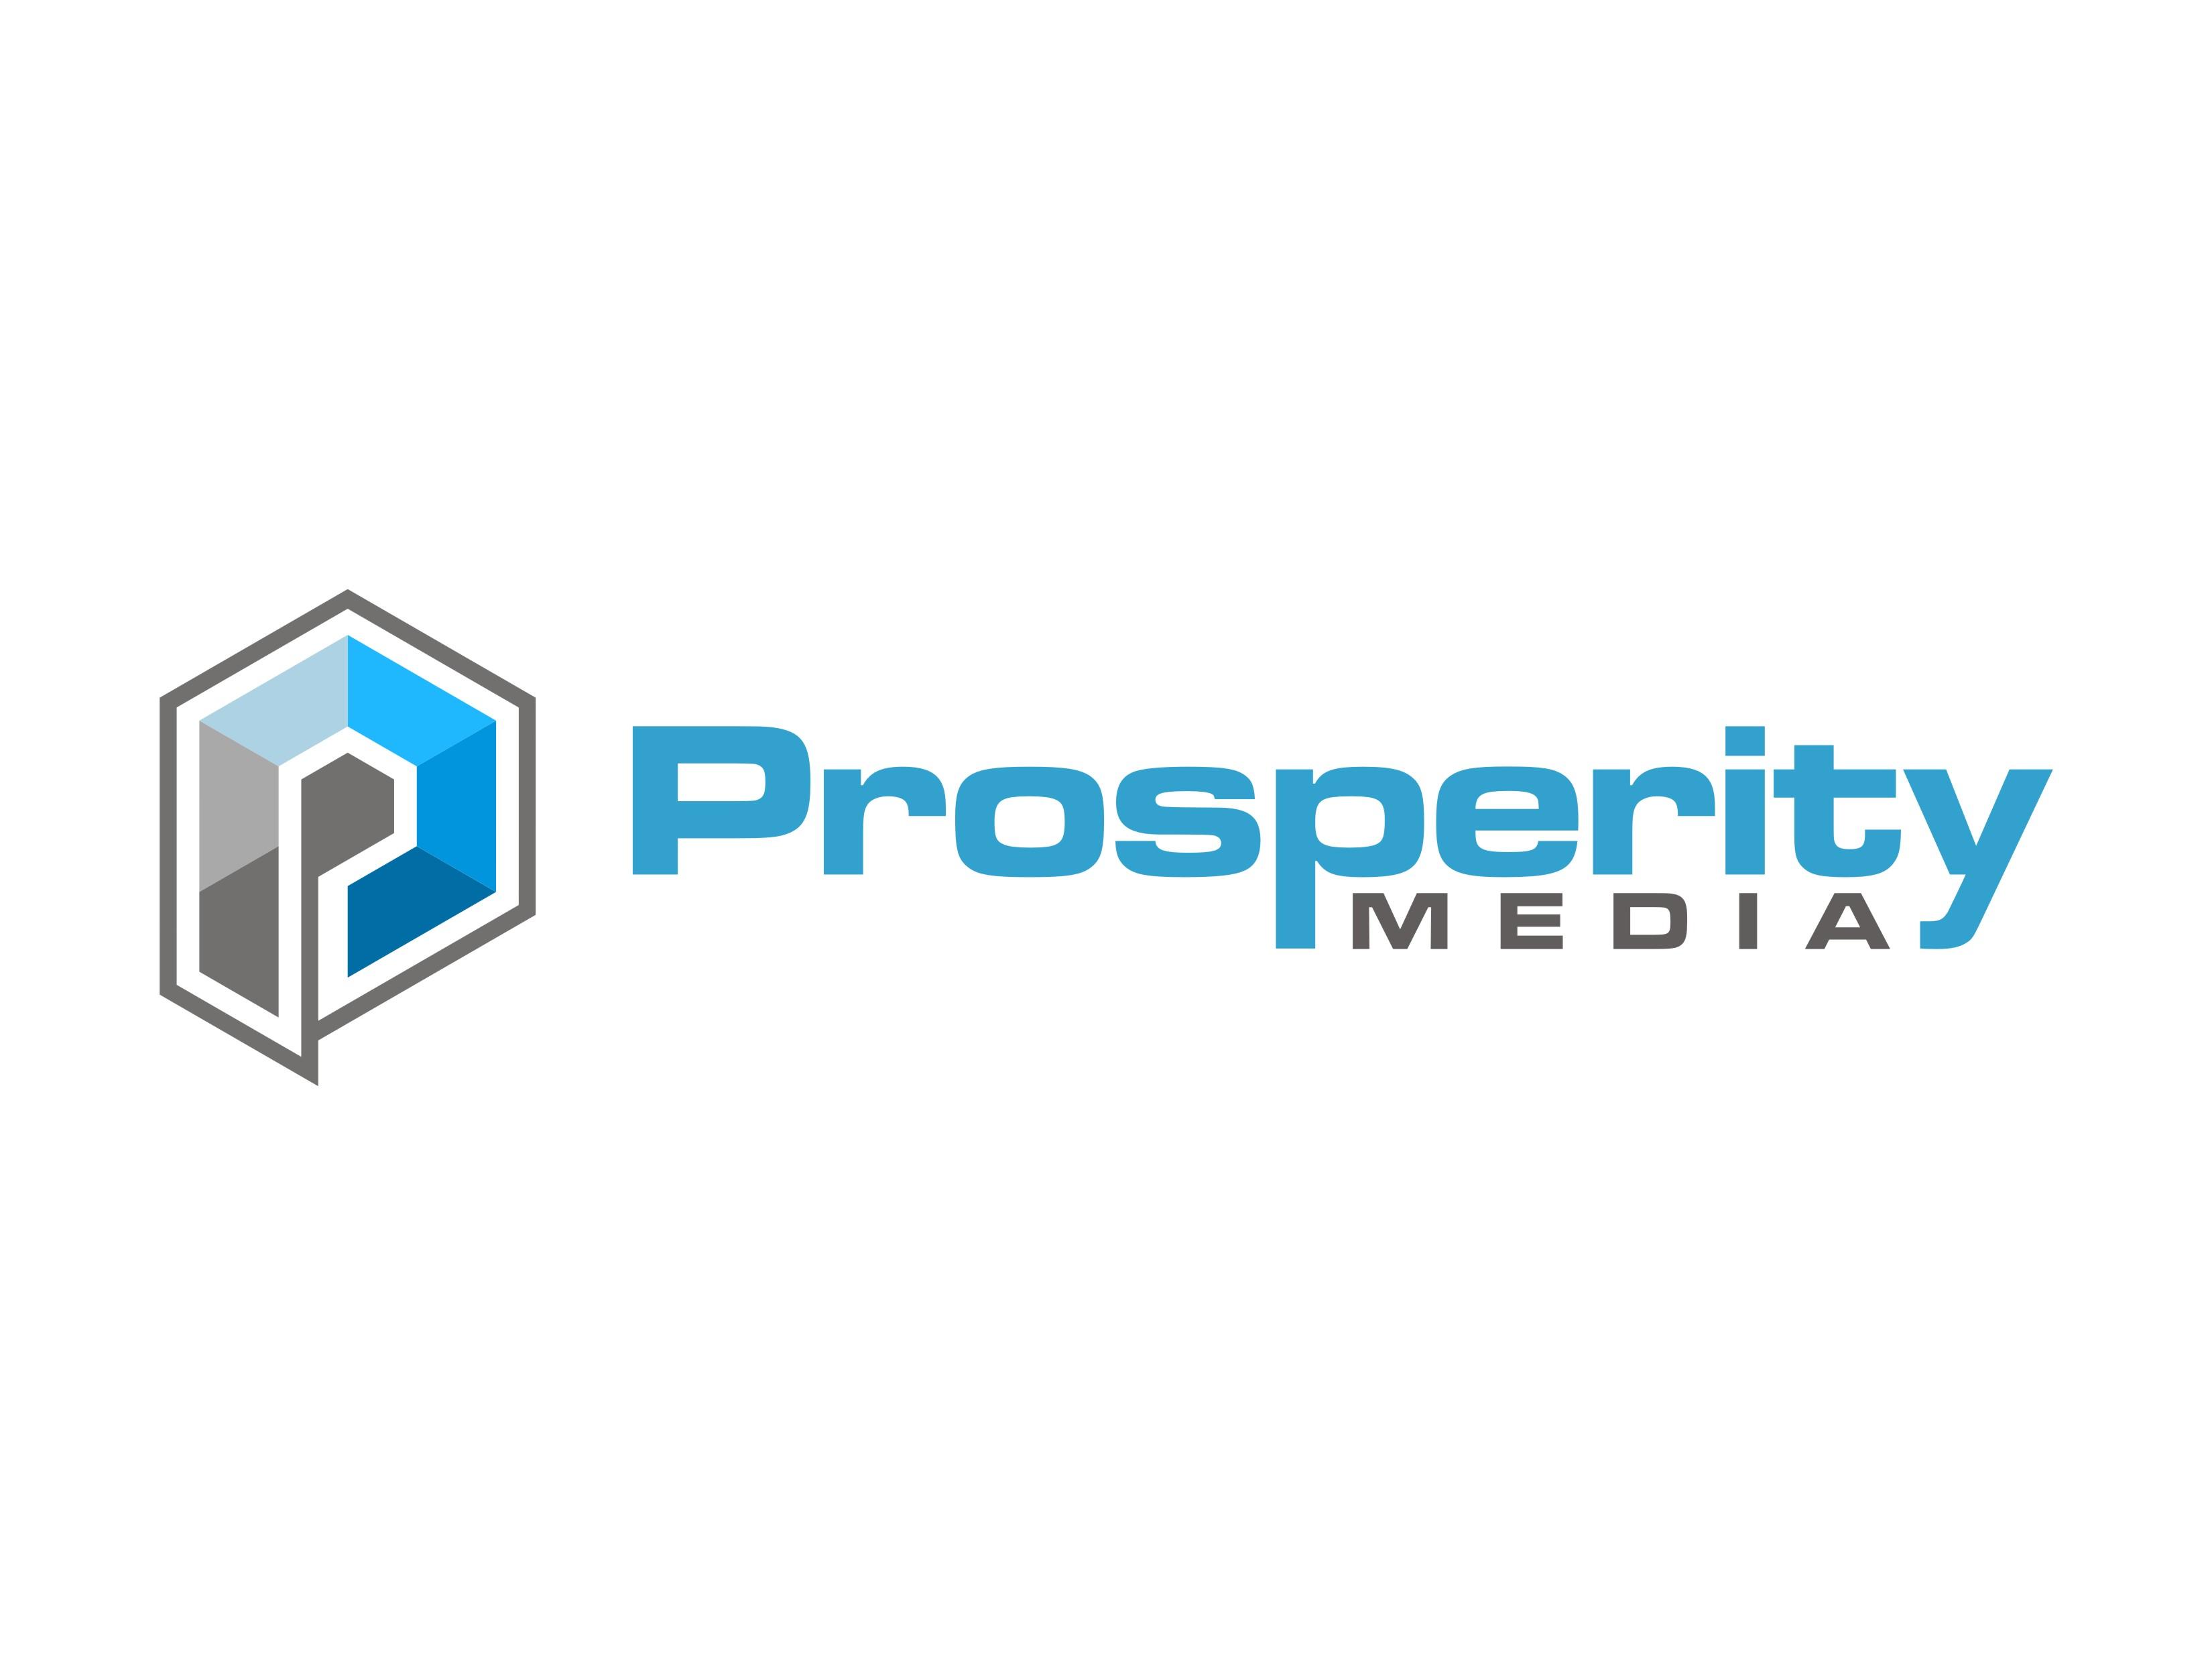 Prosperity Media